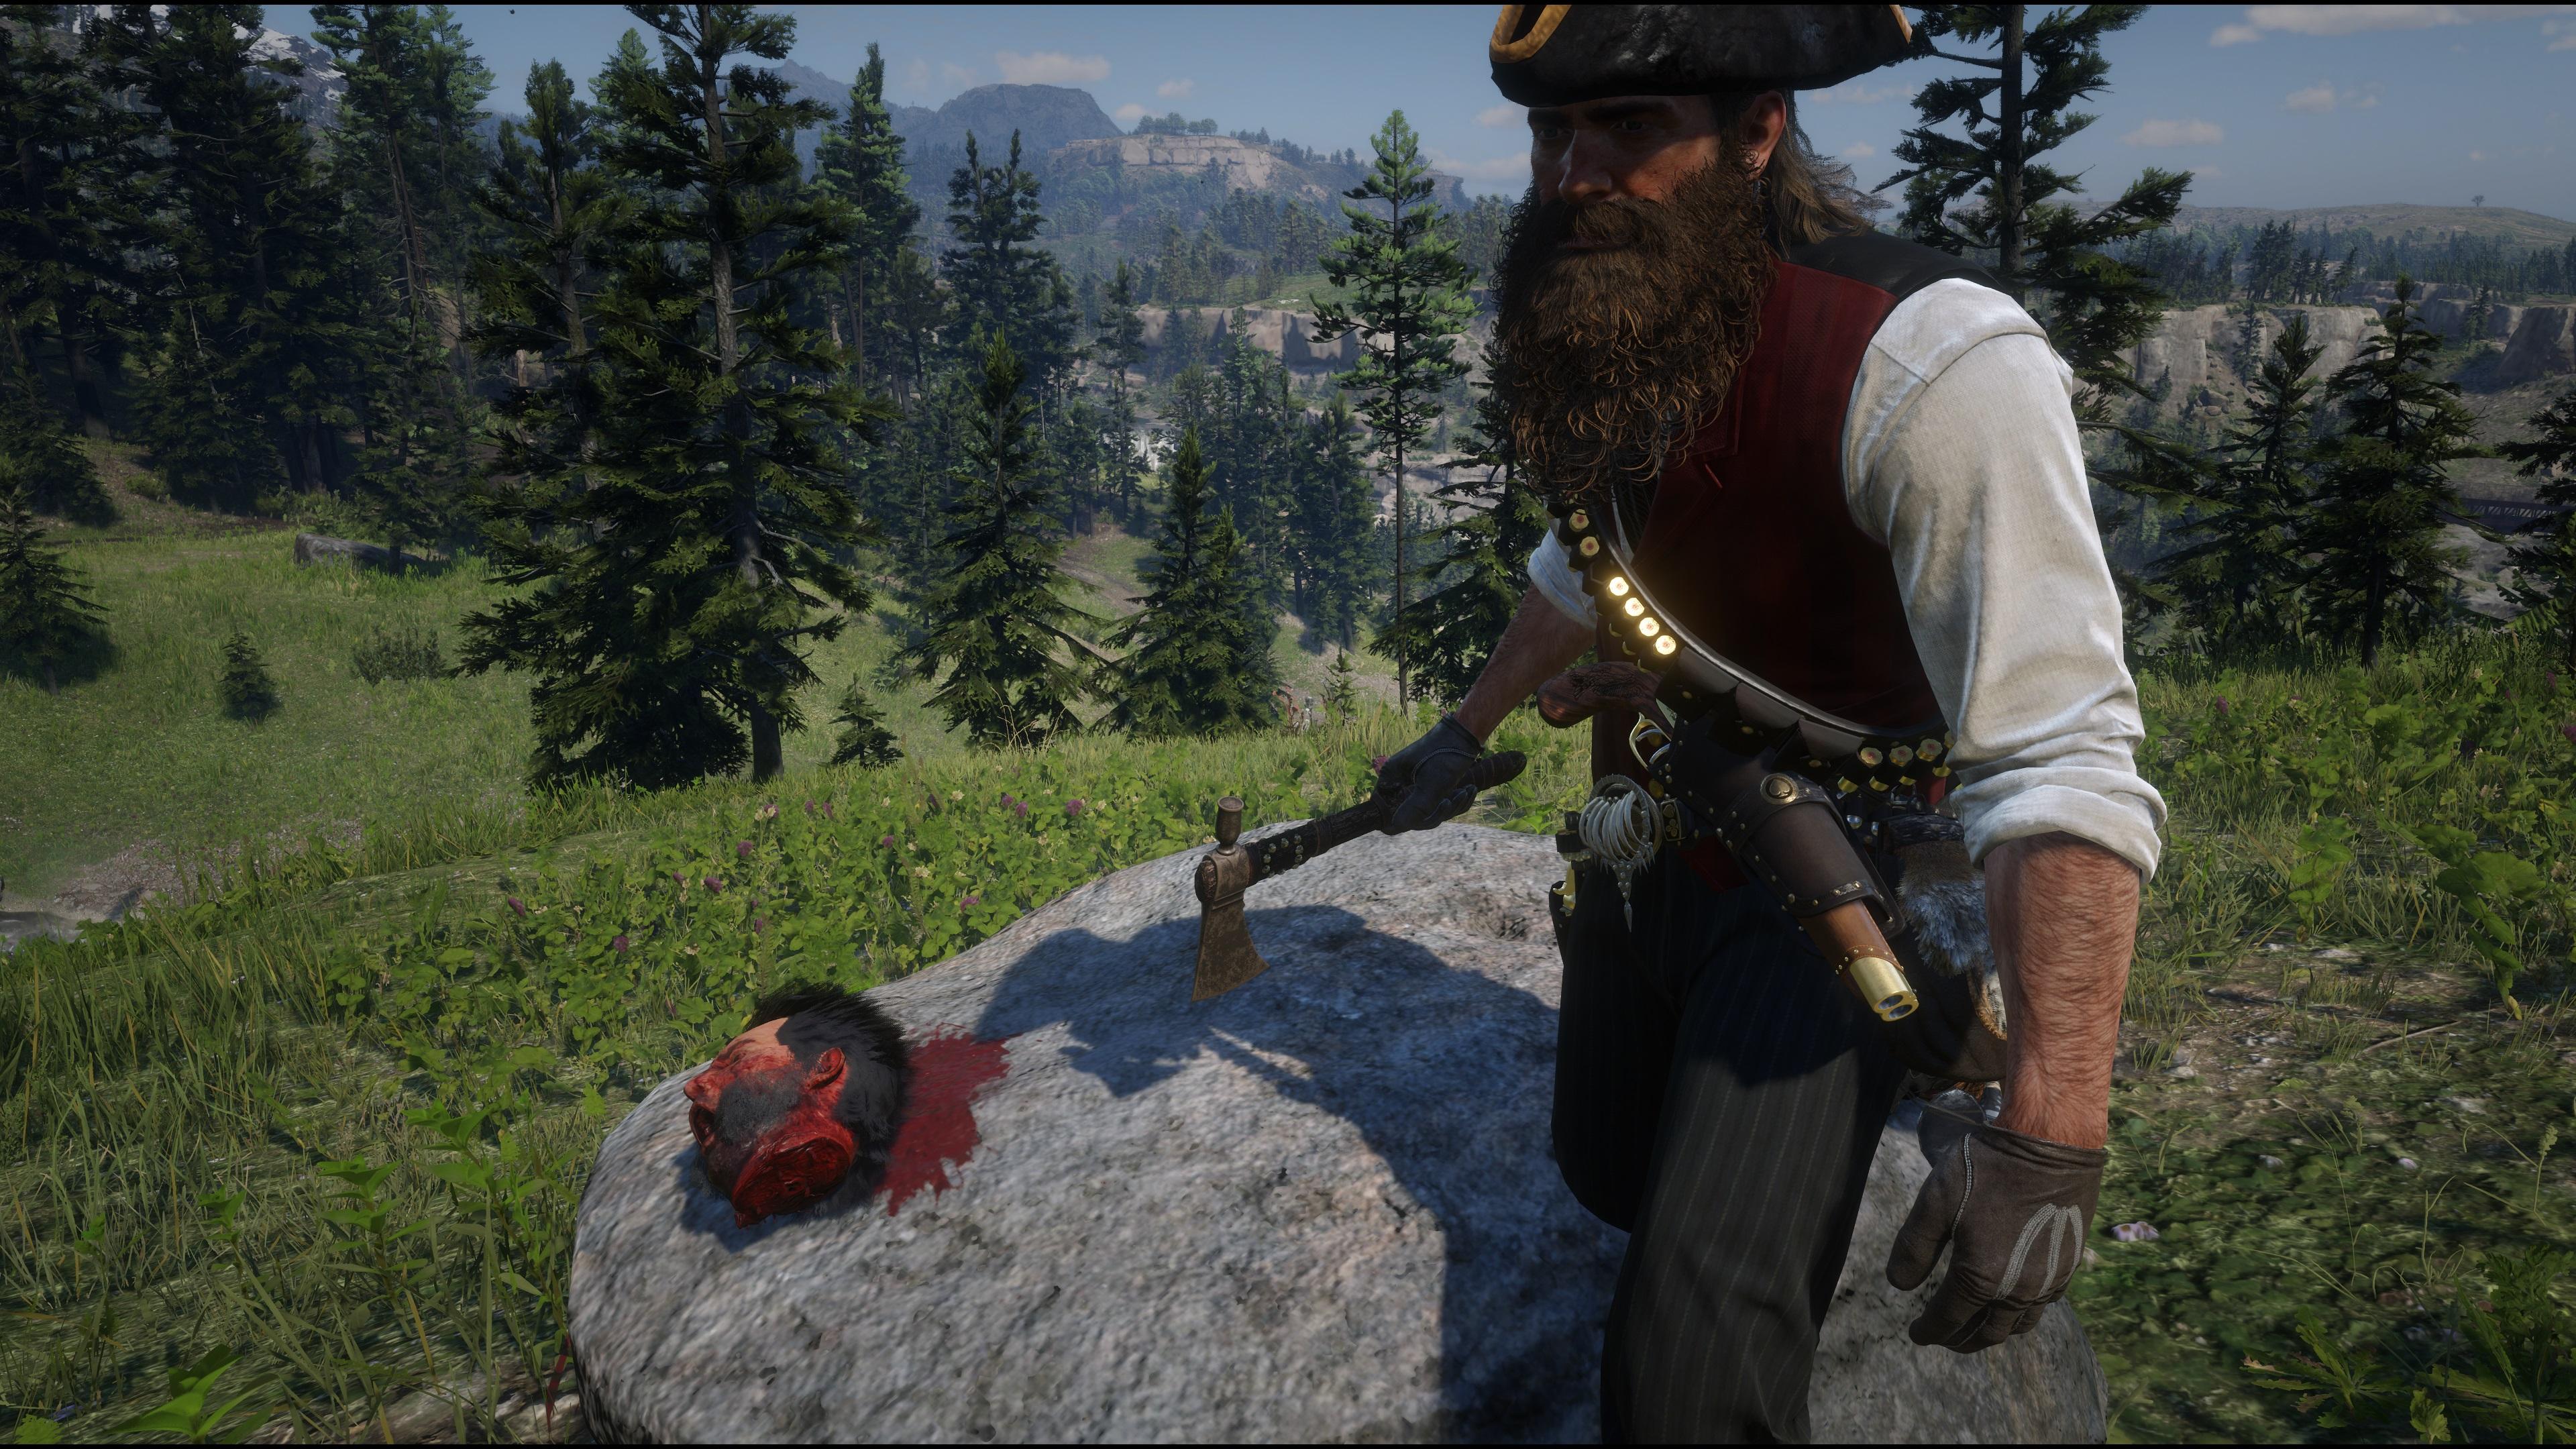 Red Dead Redemption 2 Screenshot 2019.12.05 - 14.28.30.87.jpg - Red Dead Redemption 2